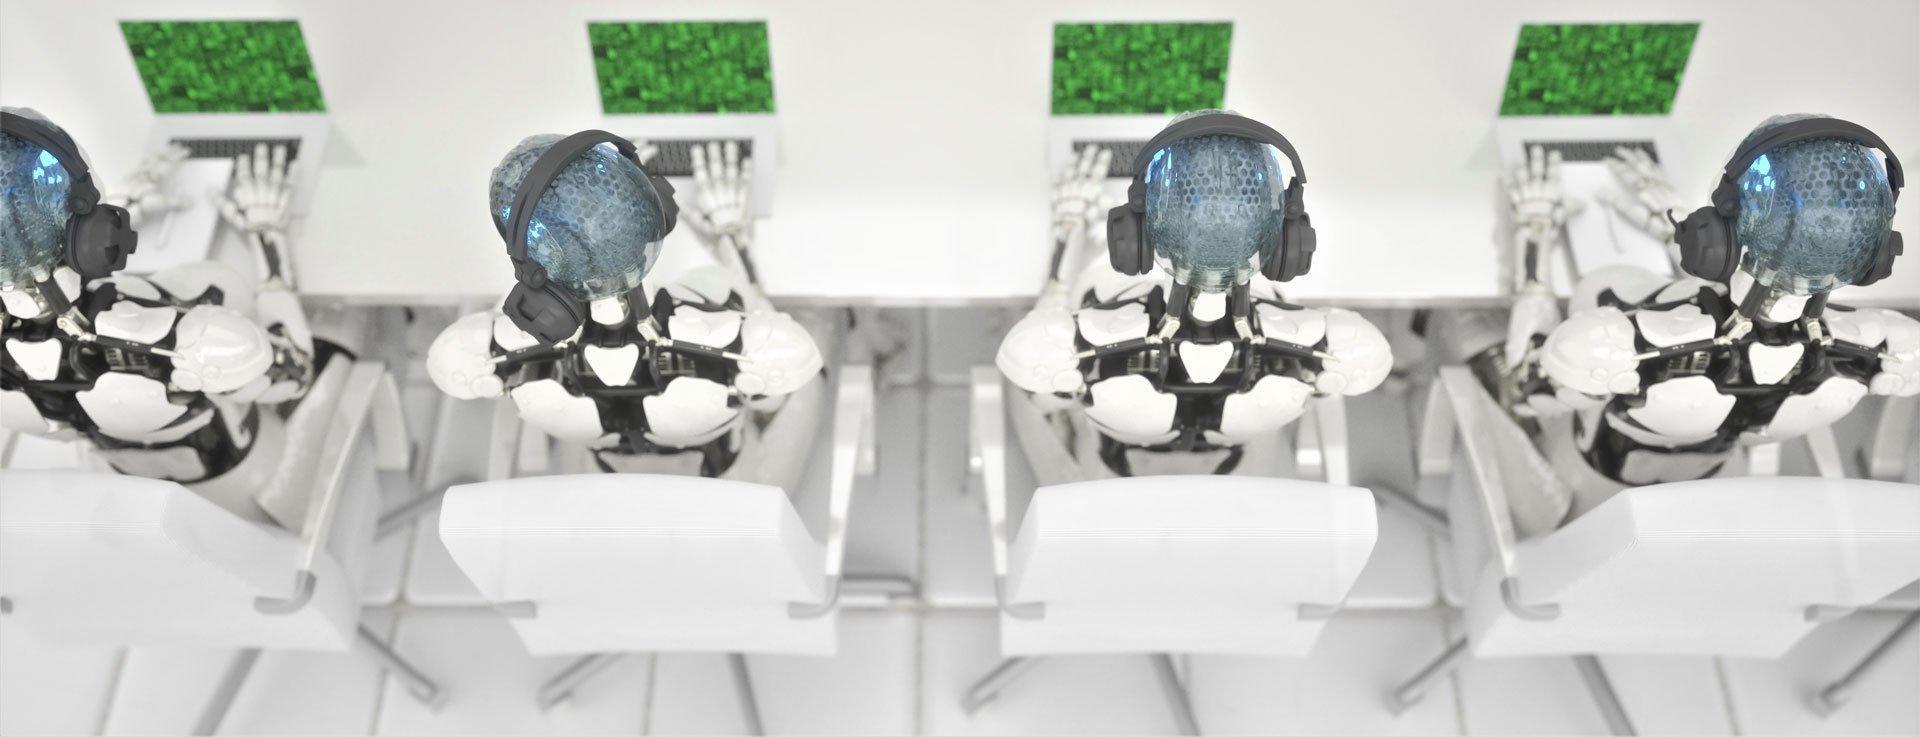 Co cię nie zautomatyzuje, to cię wzmocni. Robotyzacja dla innowacji: seminarium DARWIN 2019